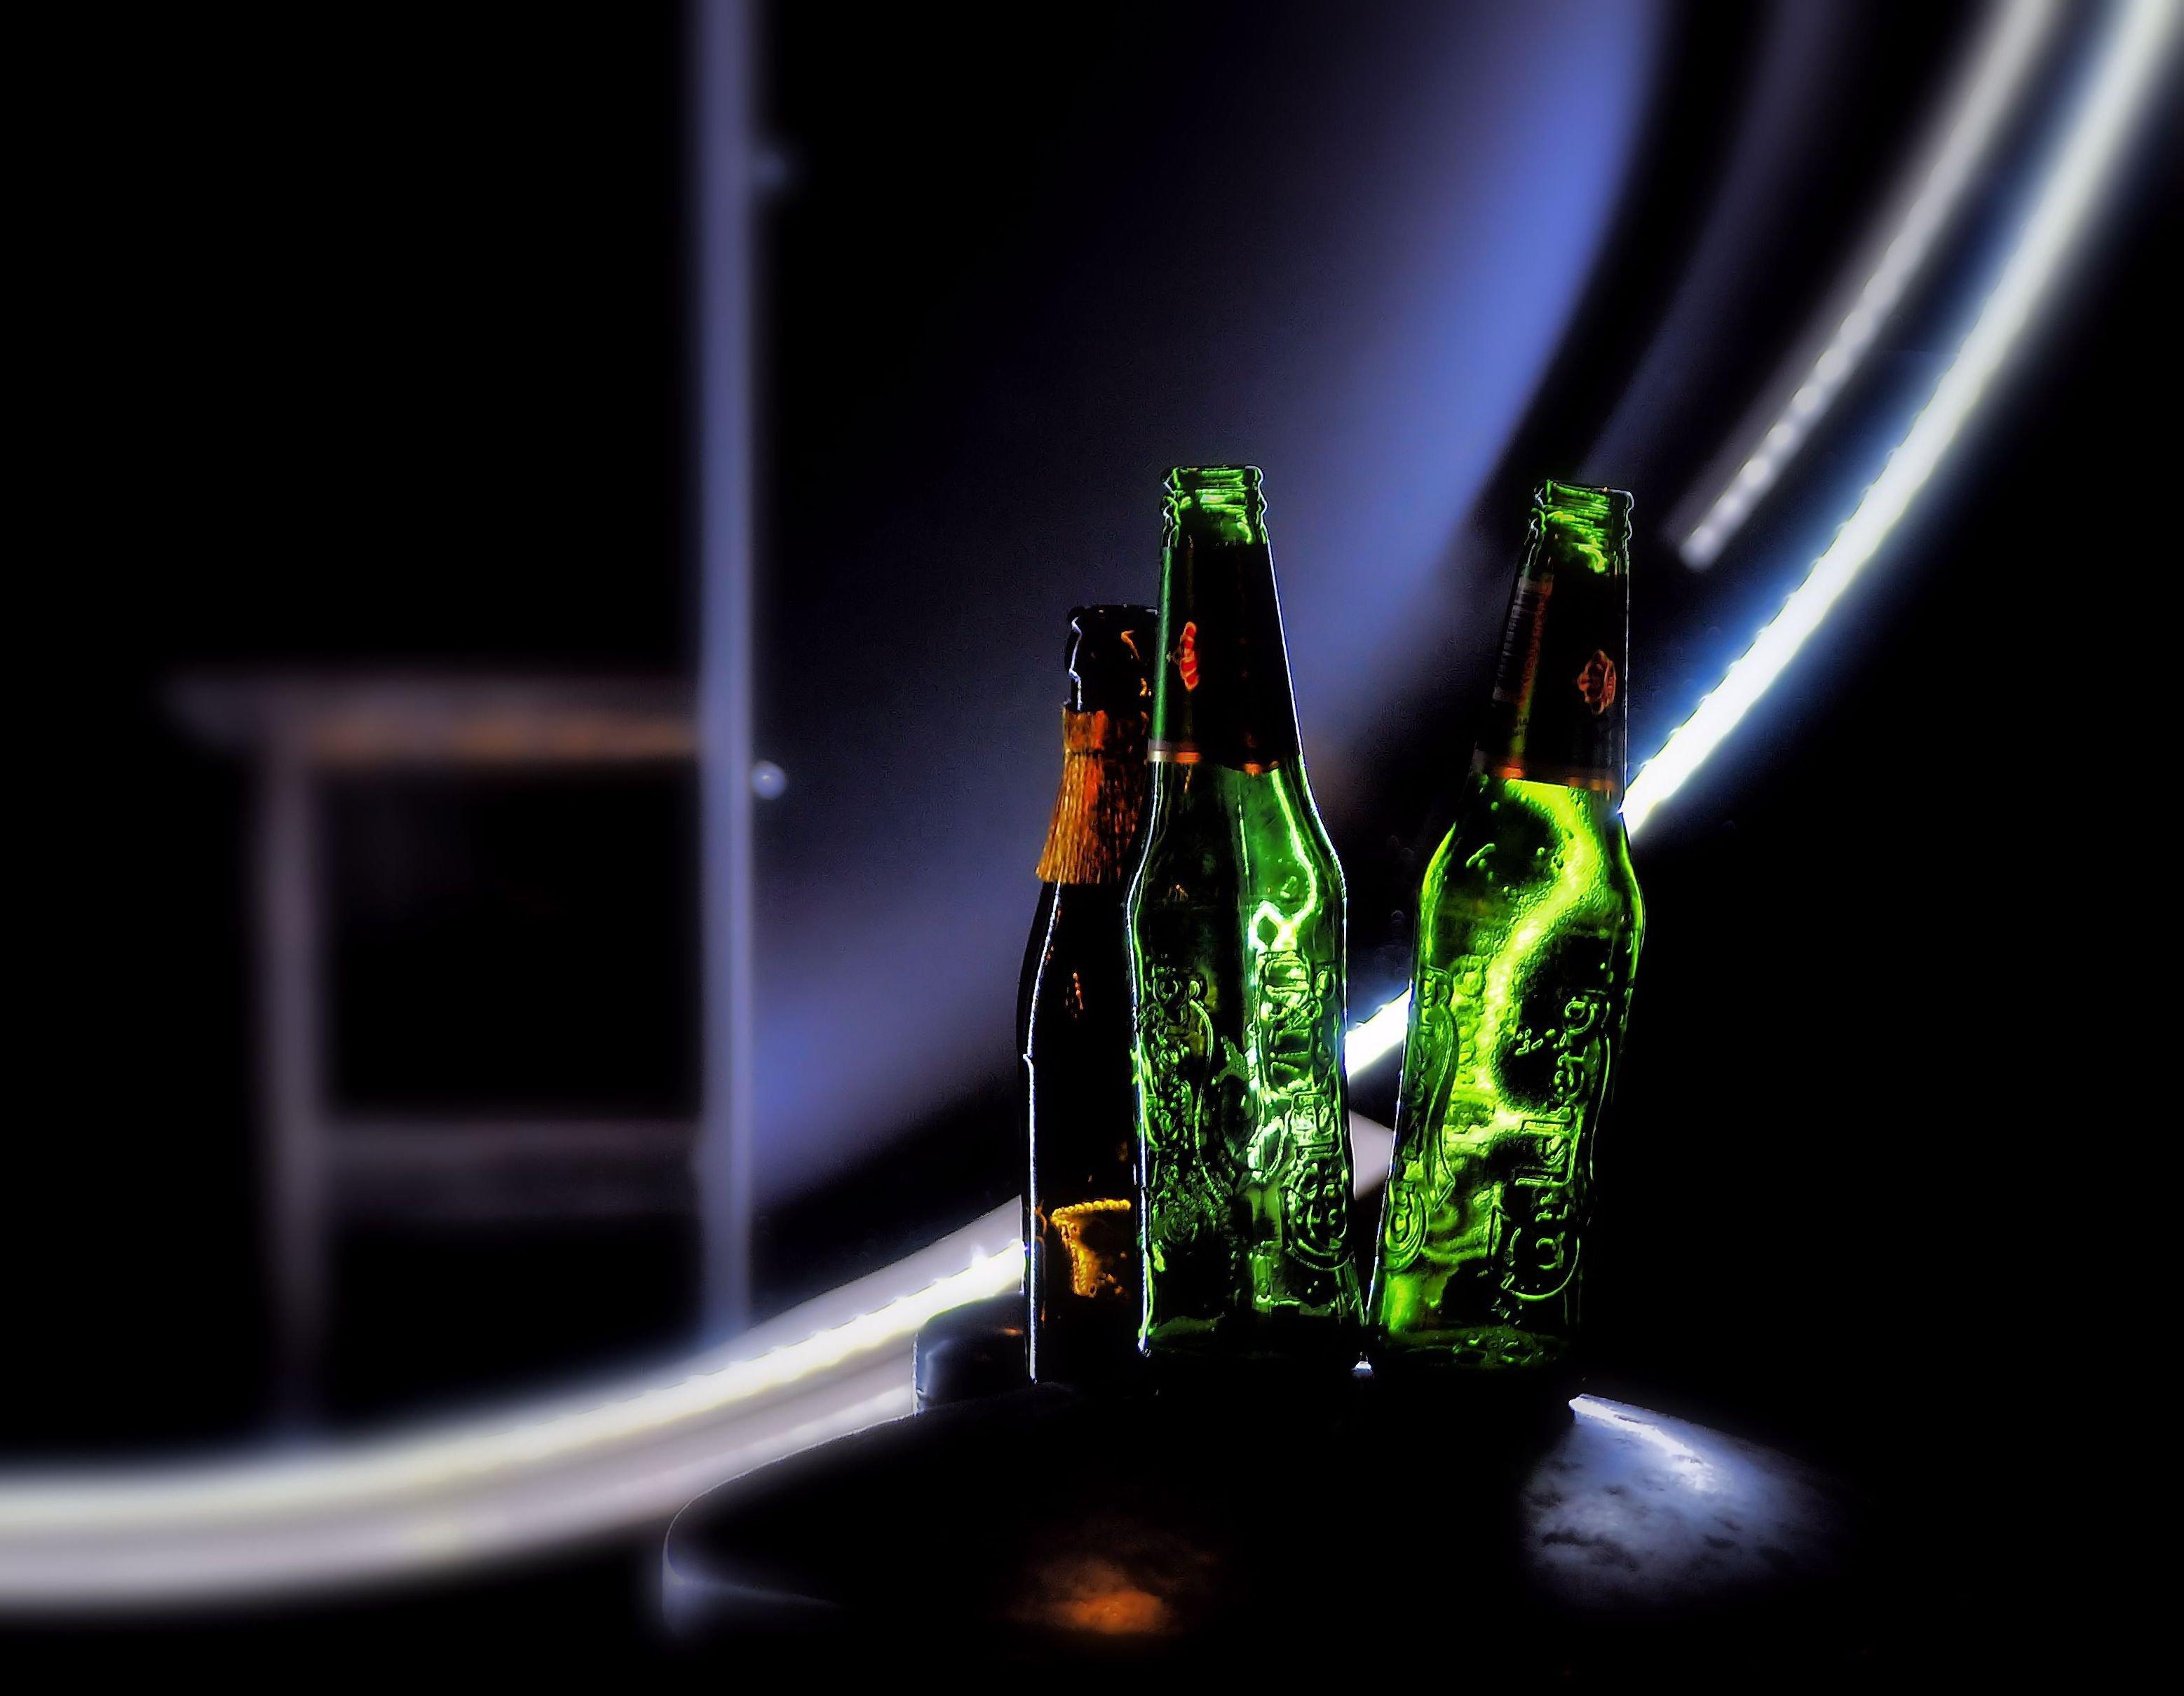 carlsberg-case-bottles